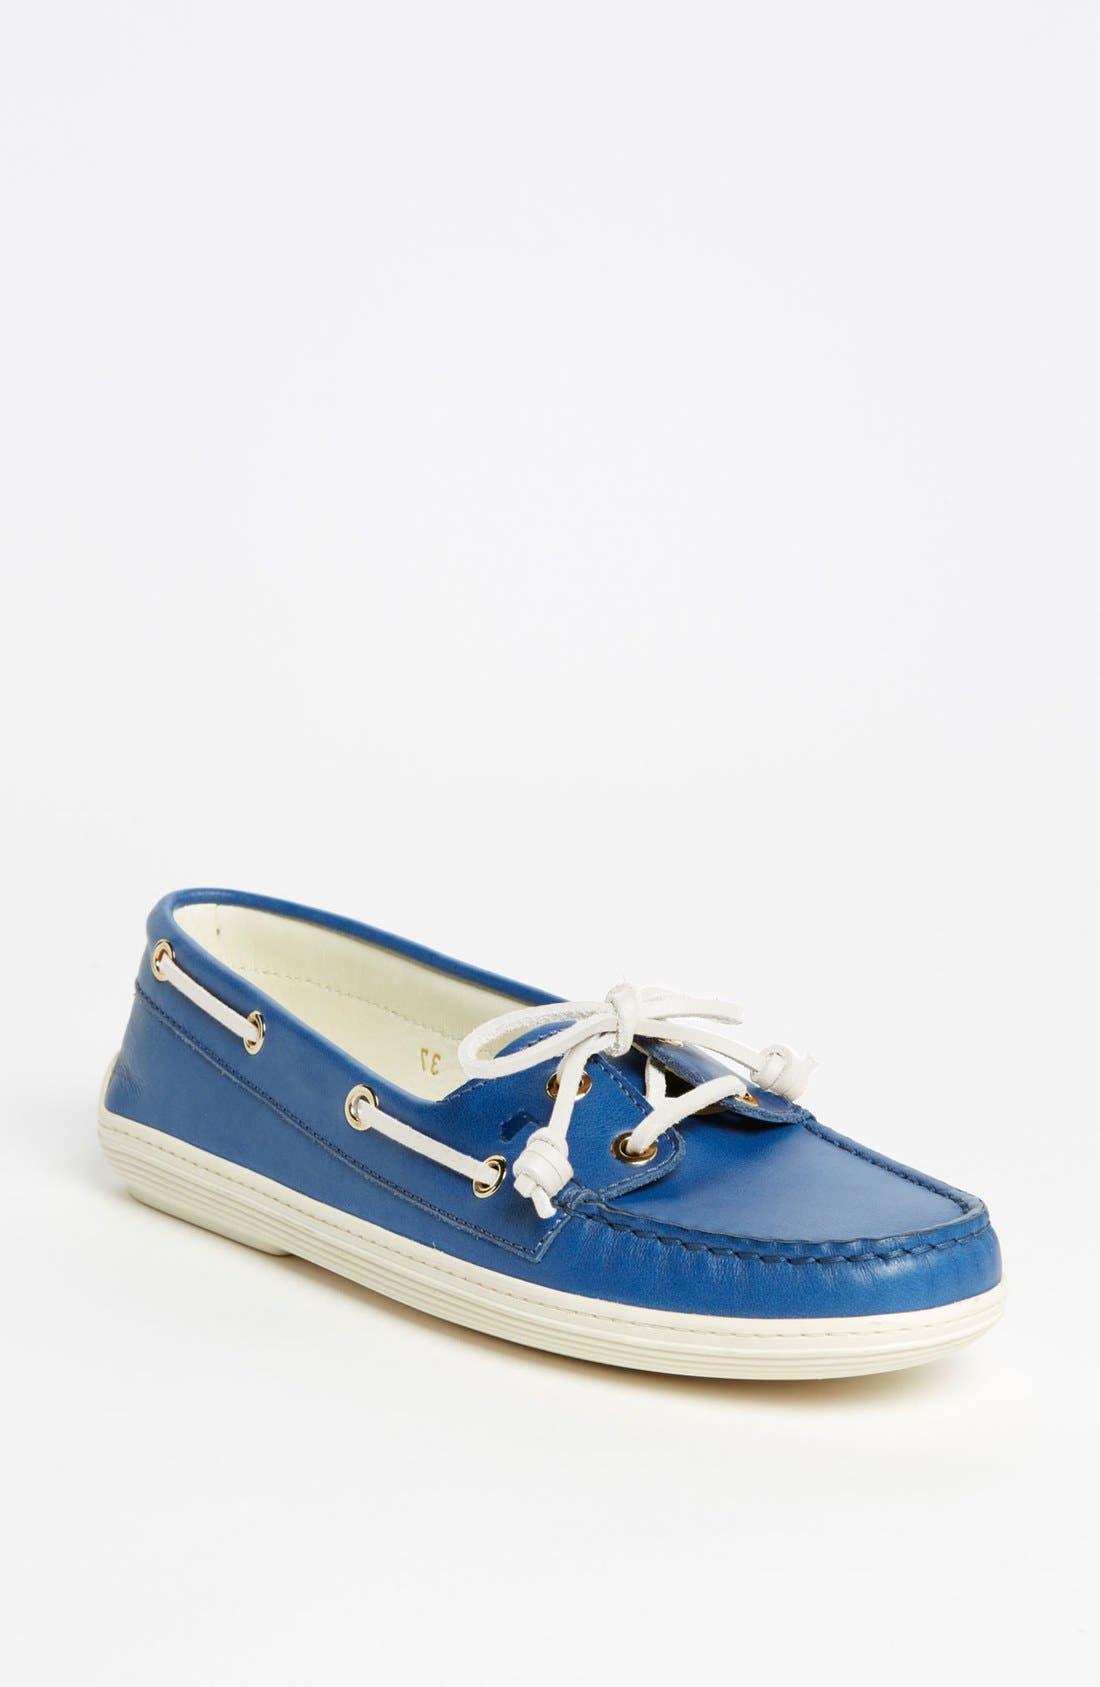 Main Image - Tod's 'Marlin Barca' Boat Shoe